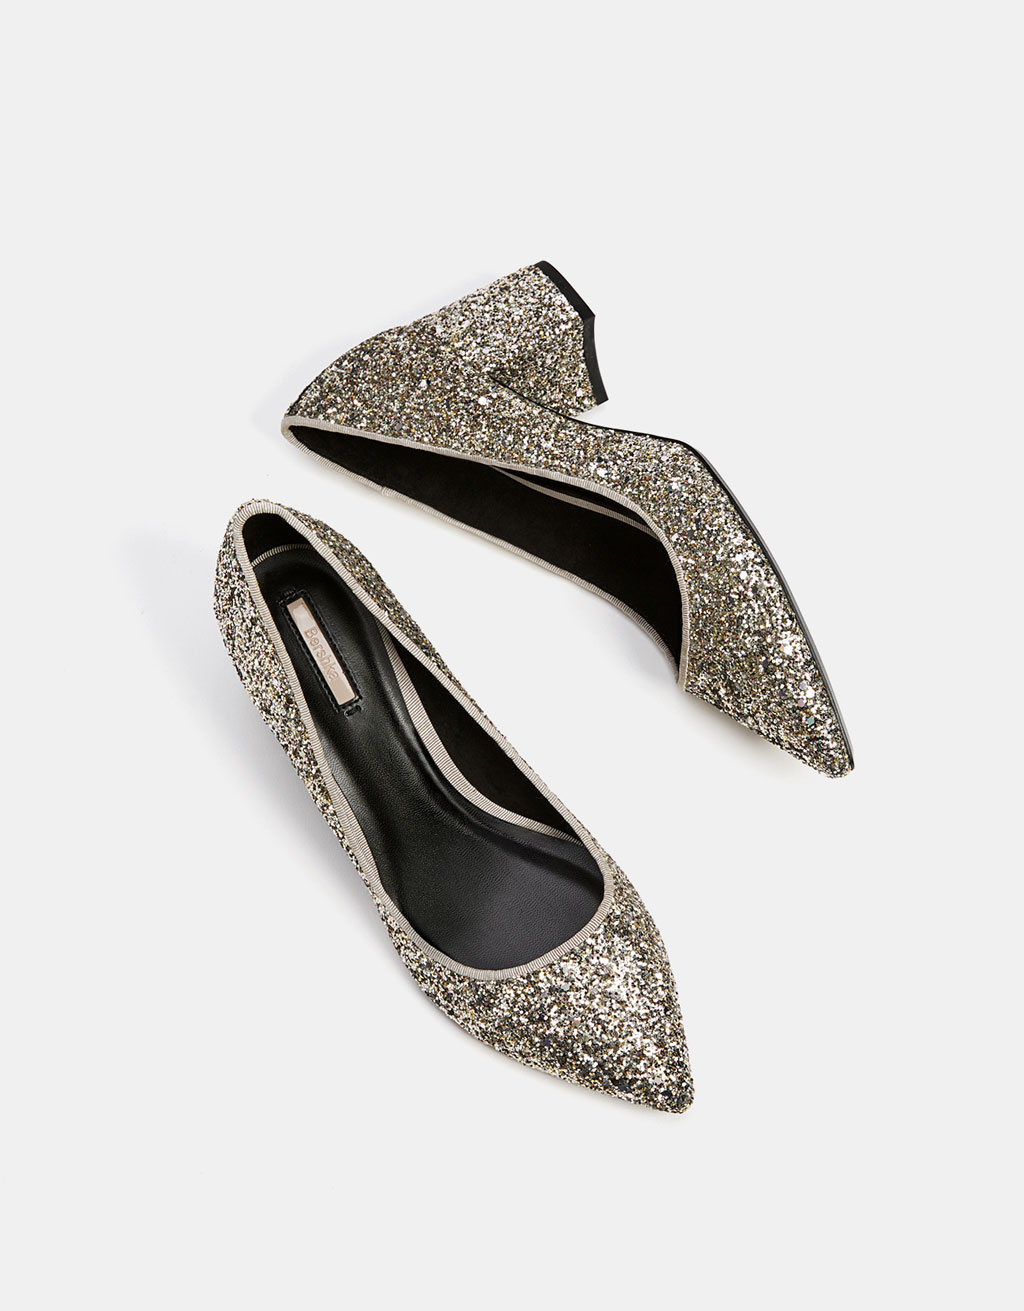 Glänzender, spitz zulaufender Schuh mit halbhohem Absatz.